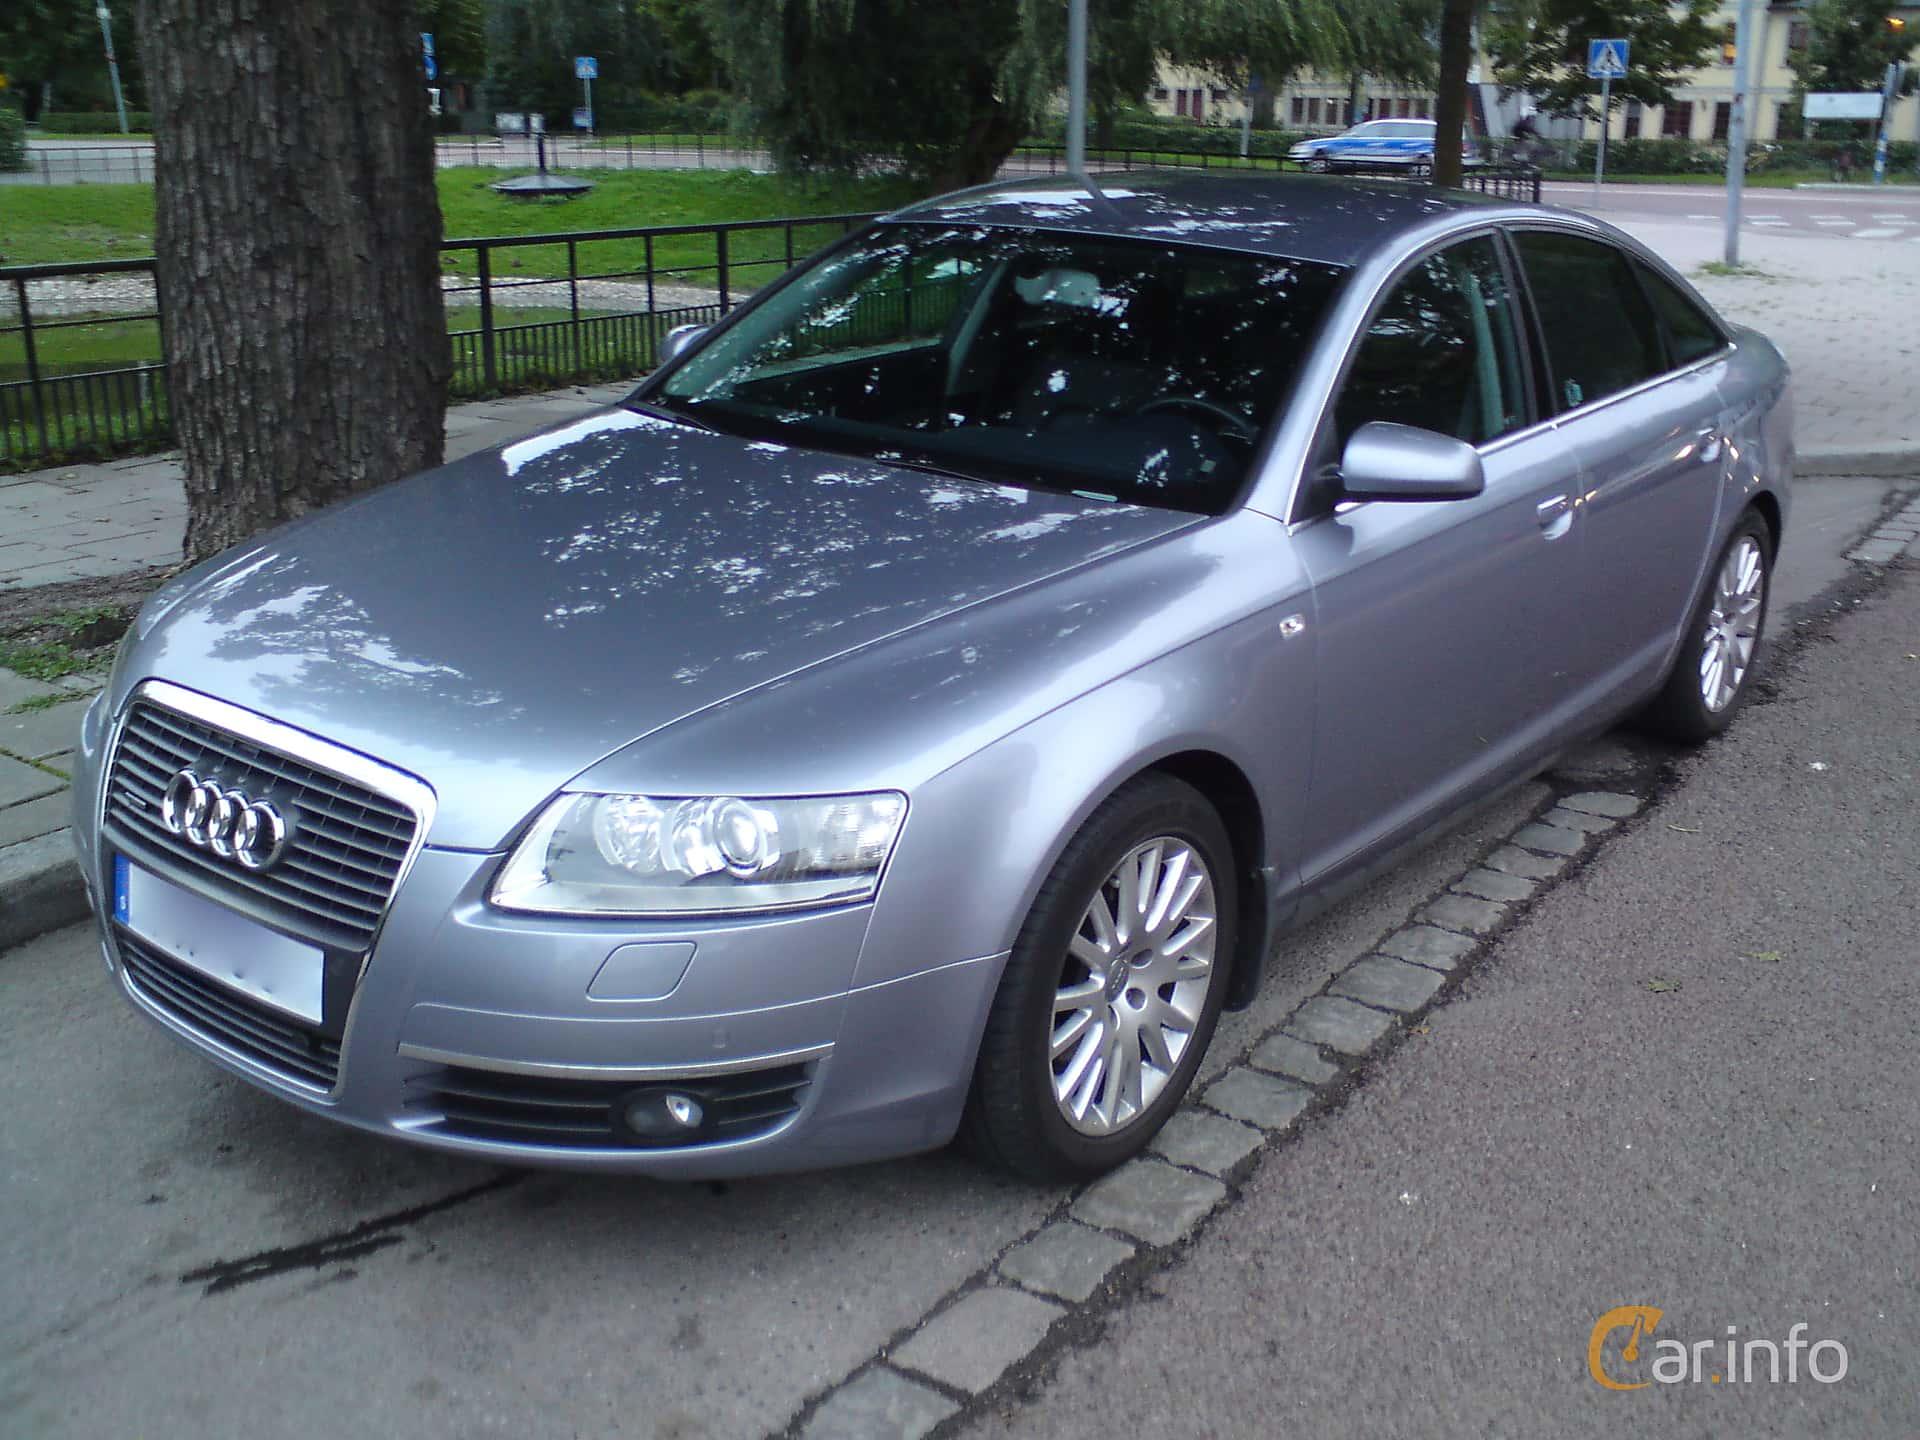 Kekurangan Audi 3.2 V6 Top Model Tahun Ini